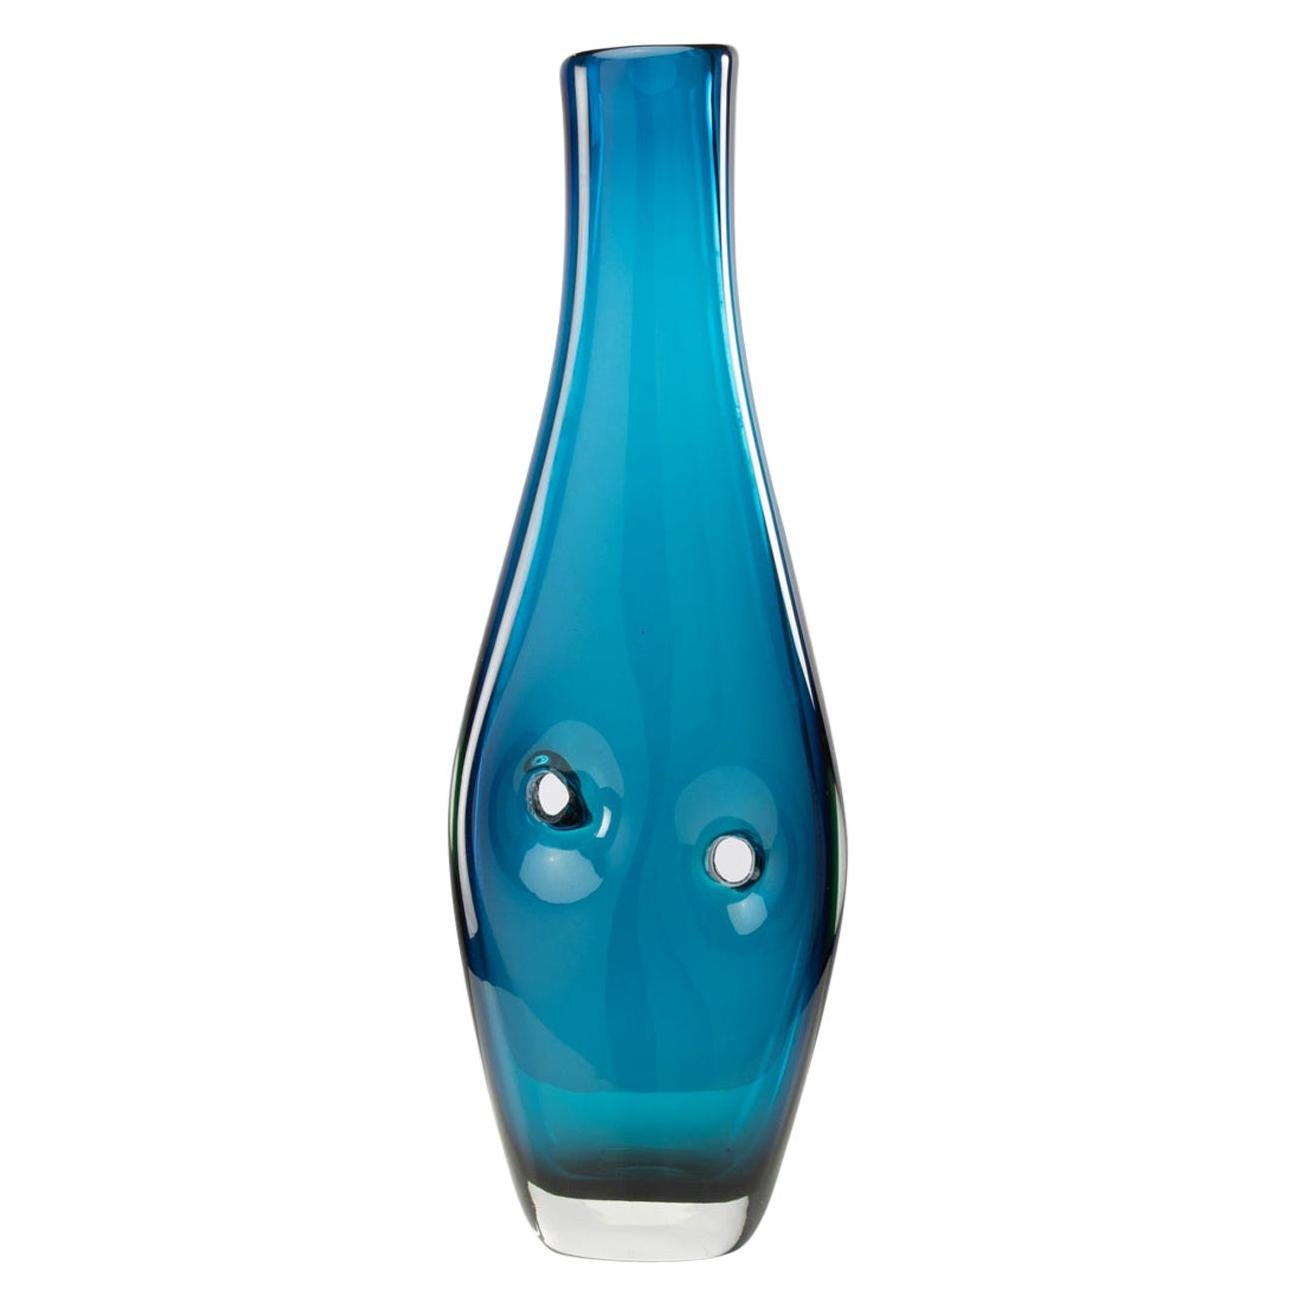 Forato Vase 'model 4520', Fulvio Bianconi, Venini Murano 'Italy'